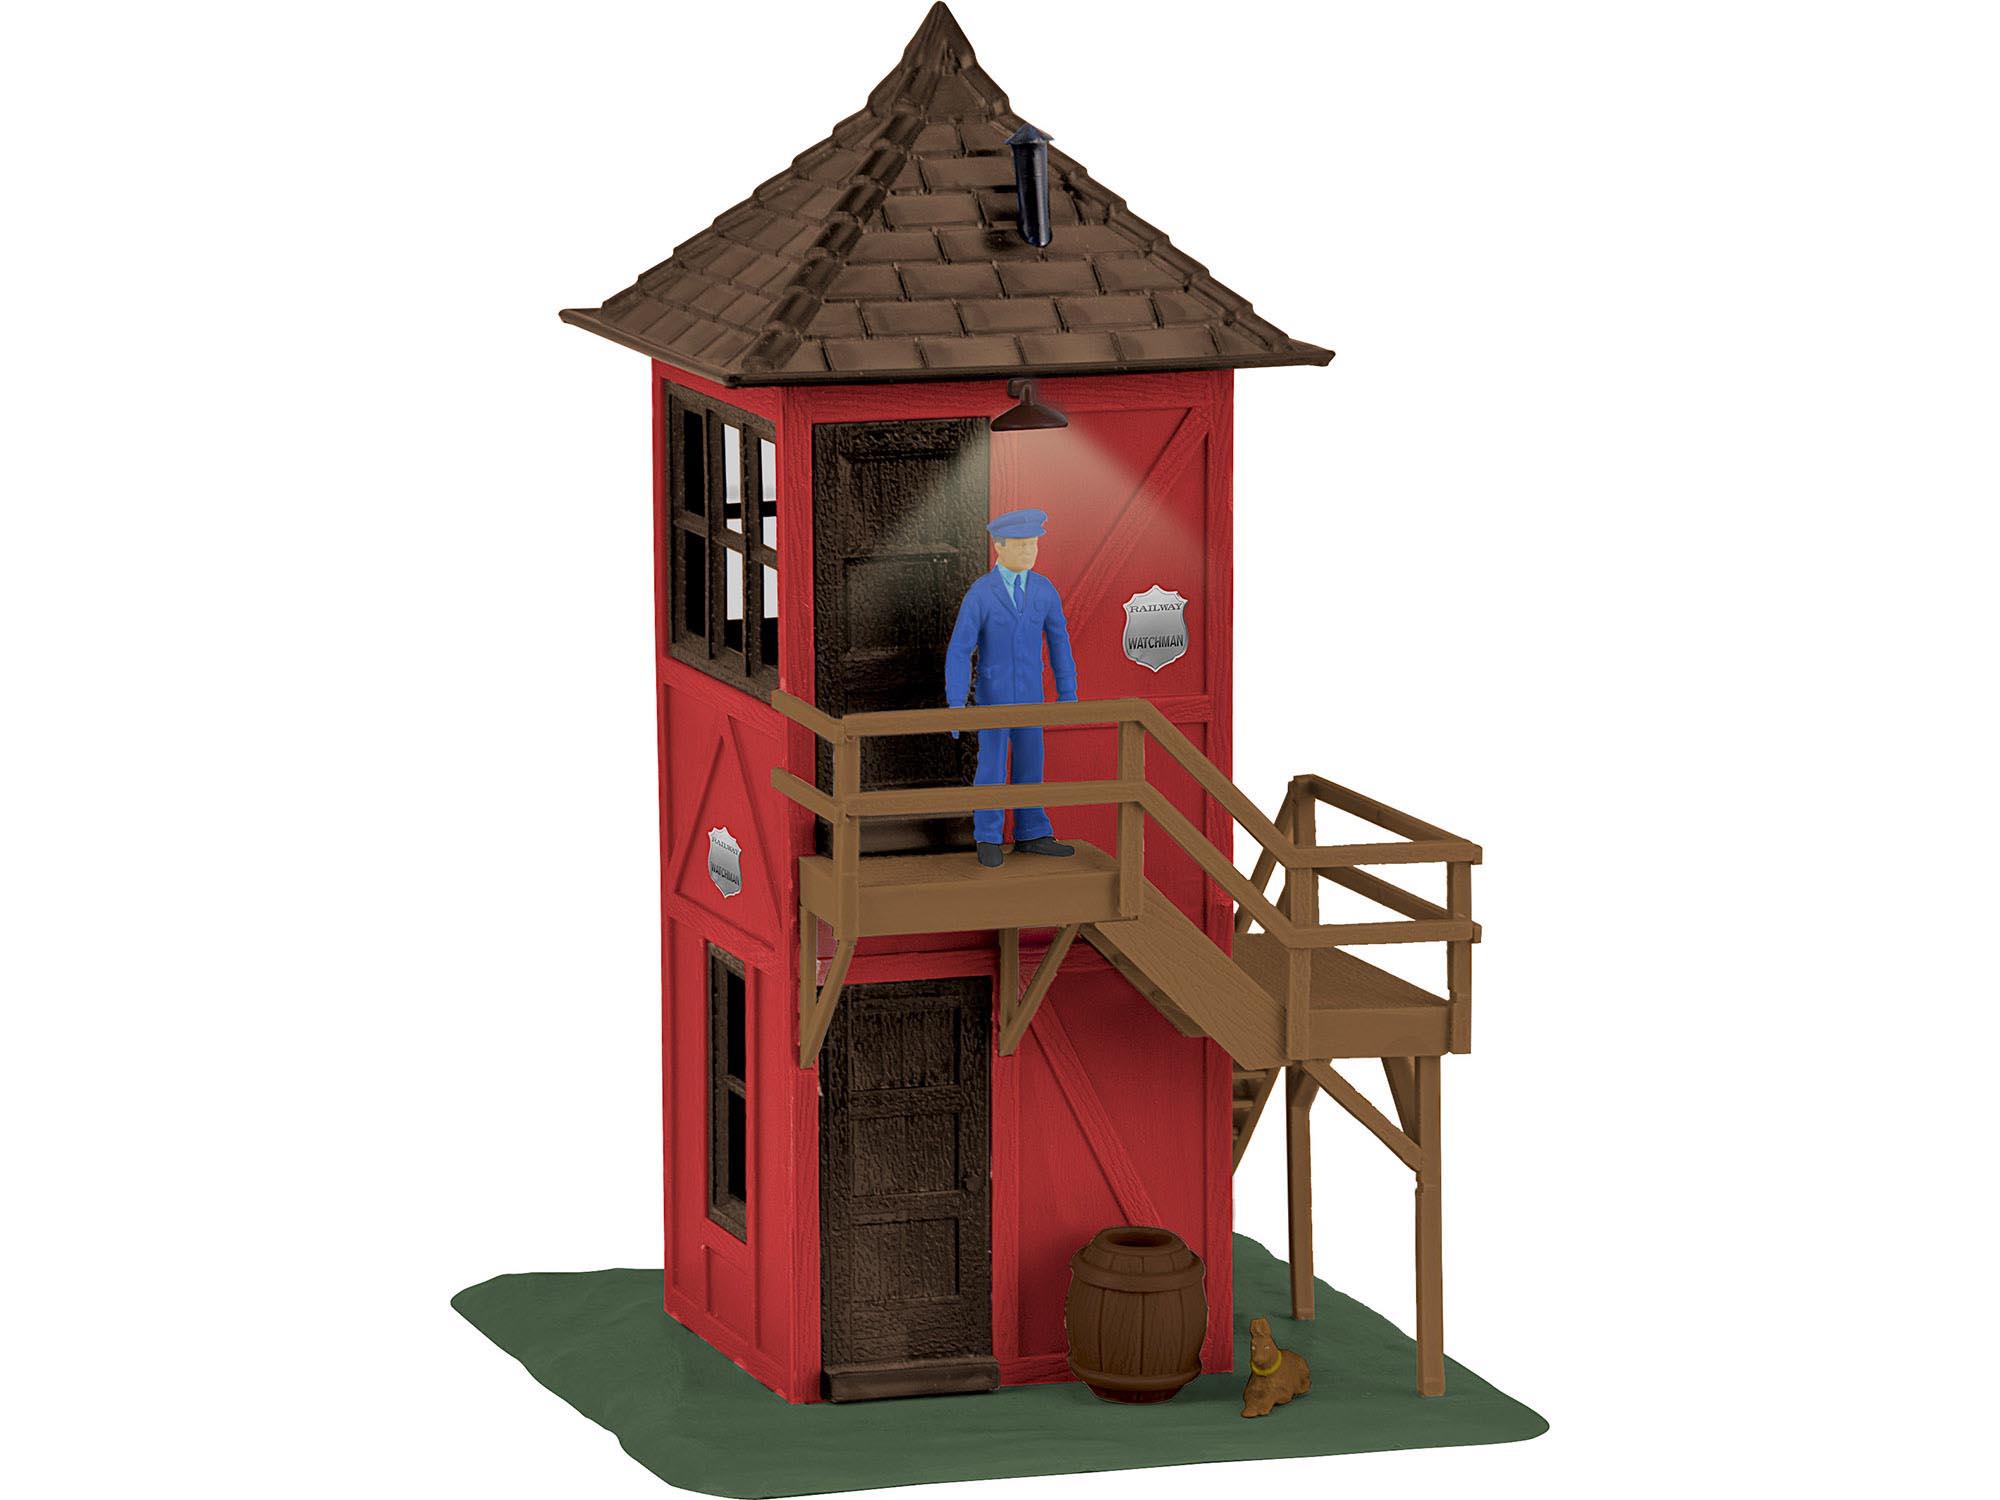 Lionel 637102 O Watchman Shanty 434-637102